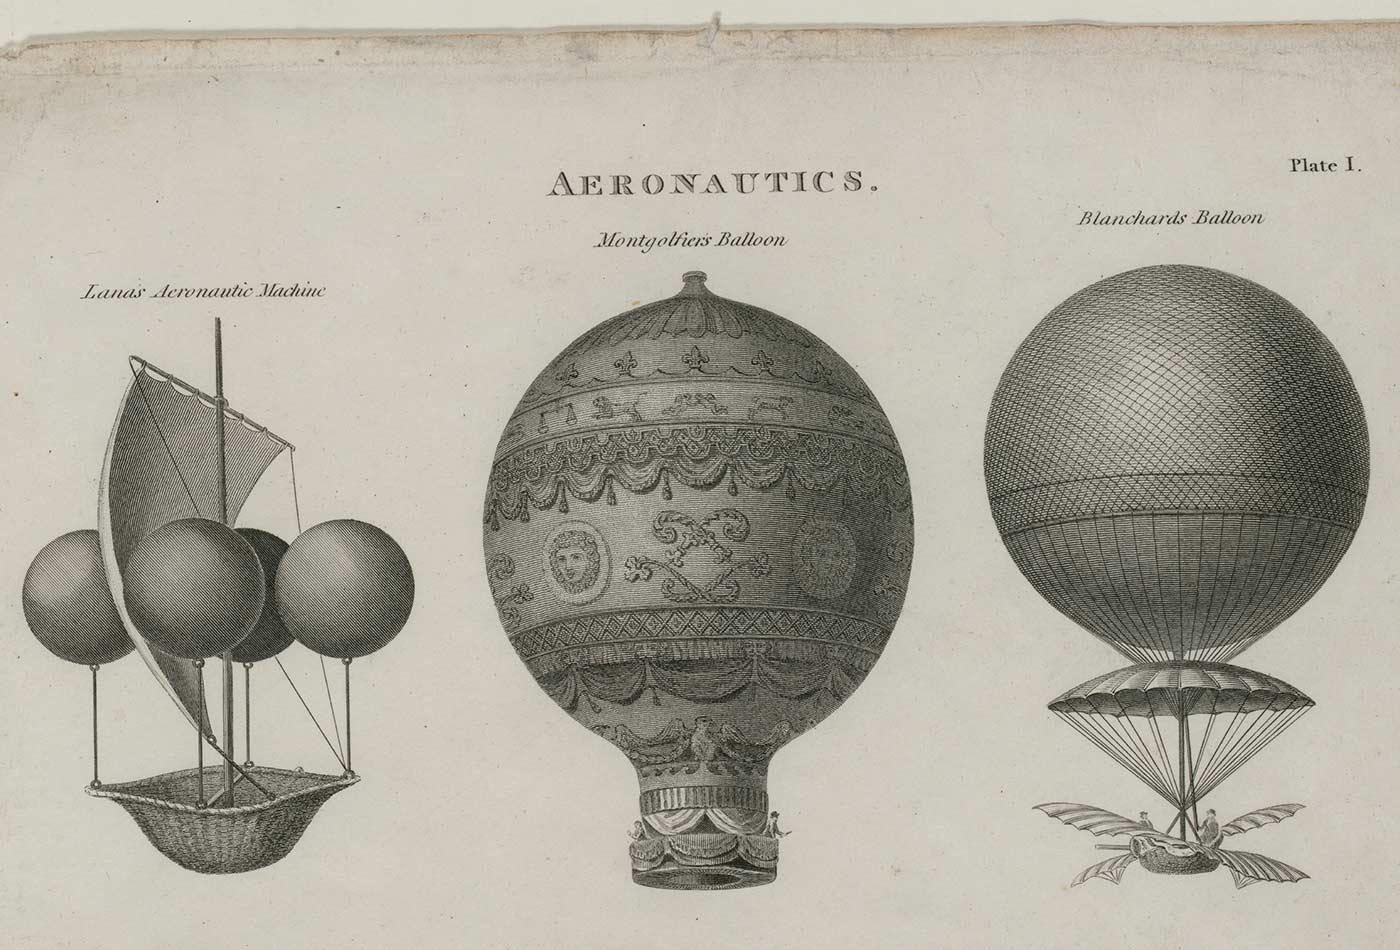 Early aeronautics, 1818.